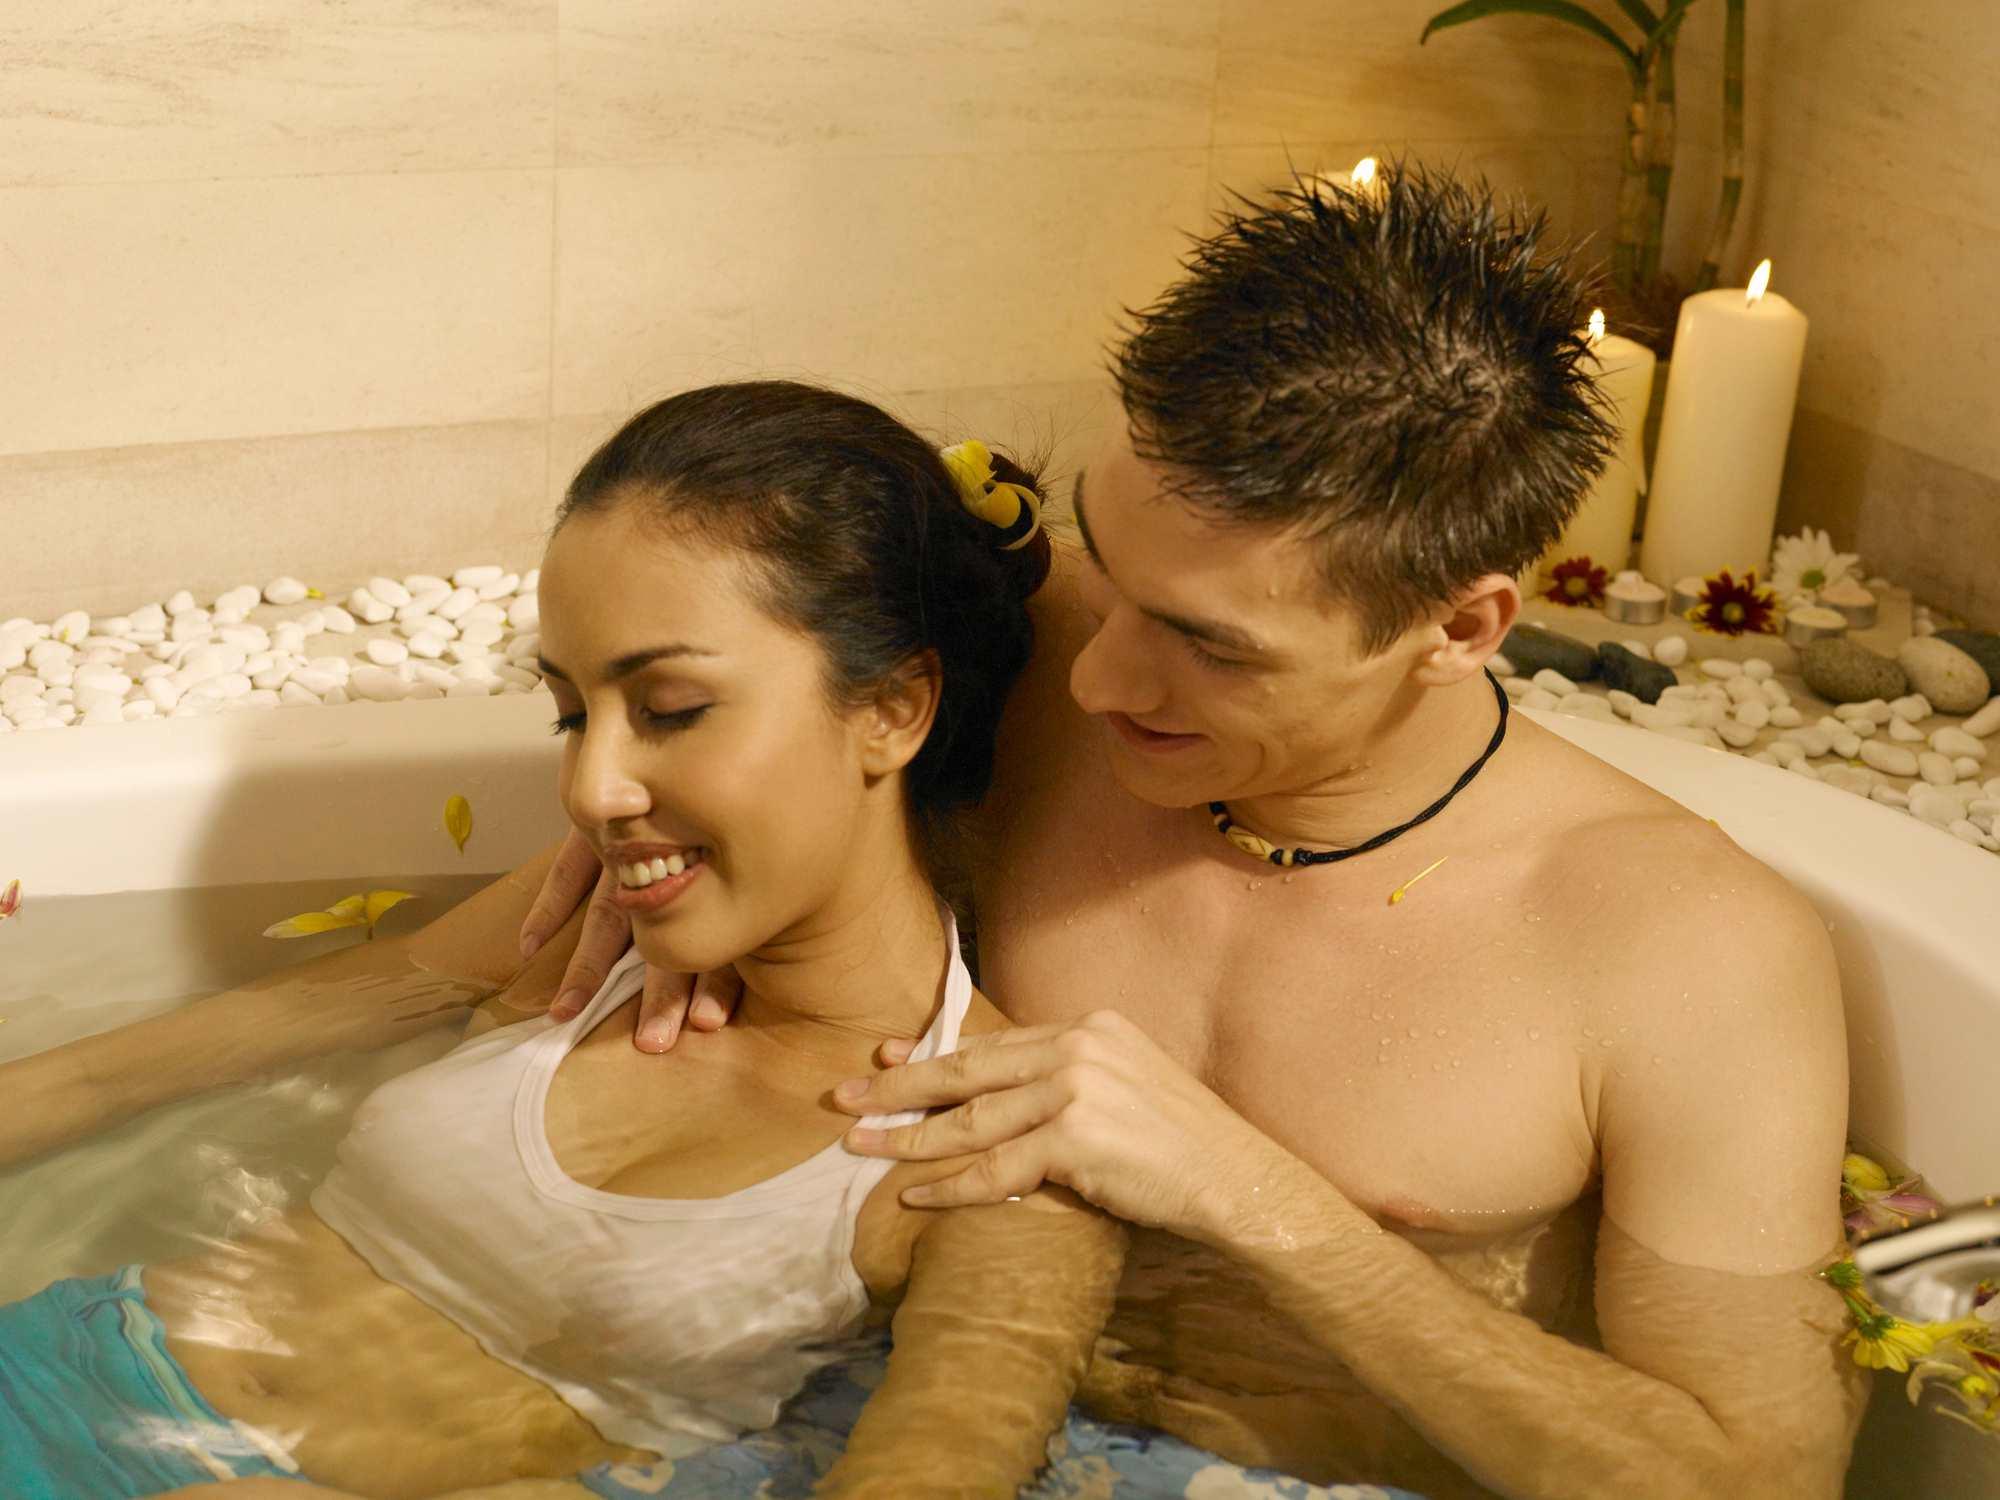 Shirtless Boyfriend Giving Massage To Girlfriend In Bathtub